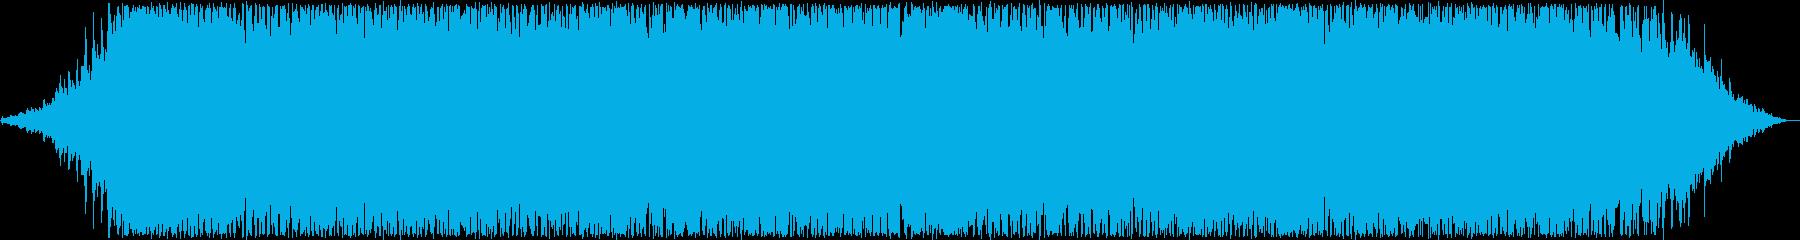 ゆったりしたギターシンセサウンドの再生済みの波形